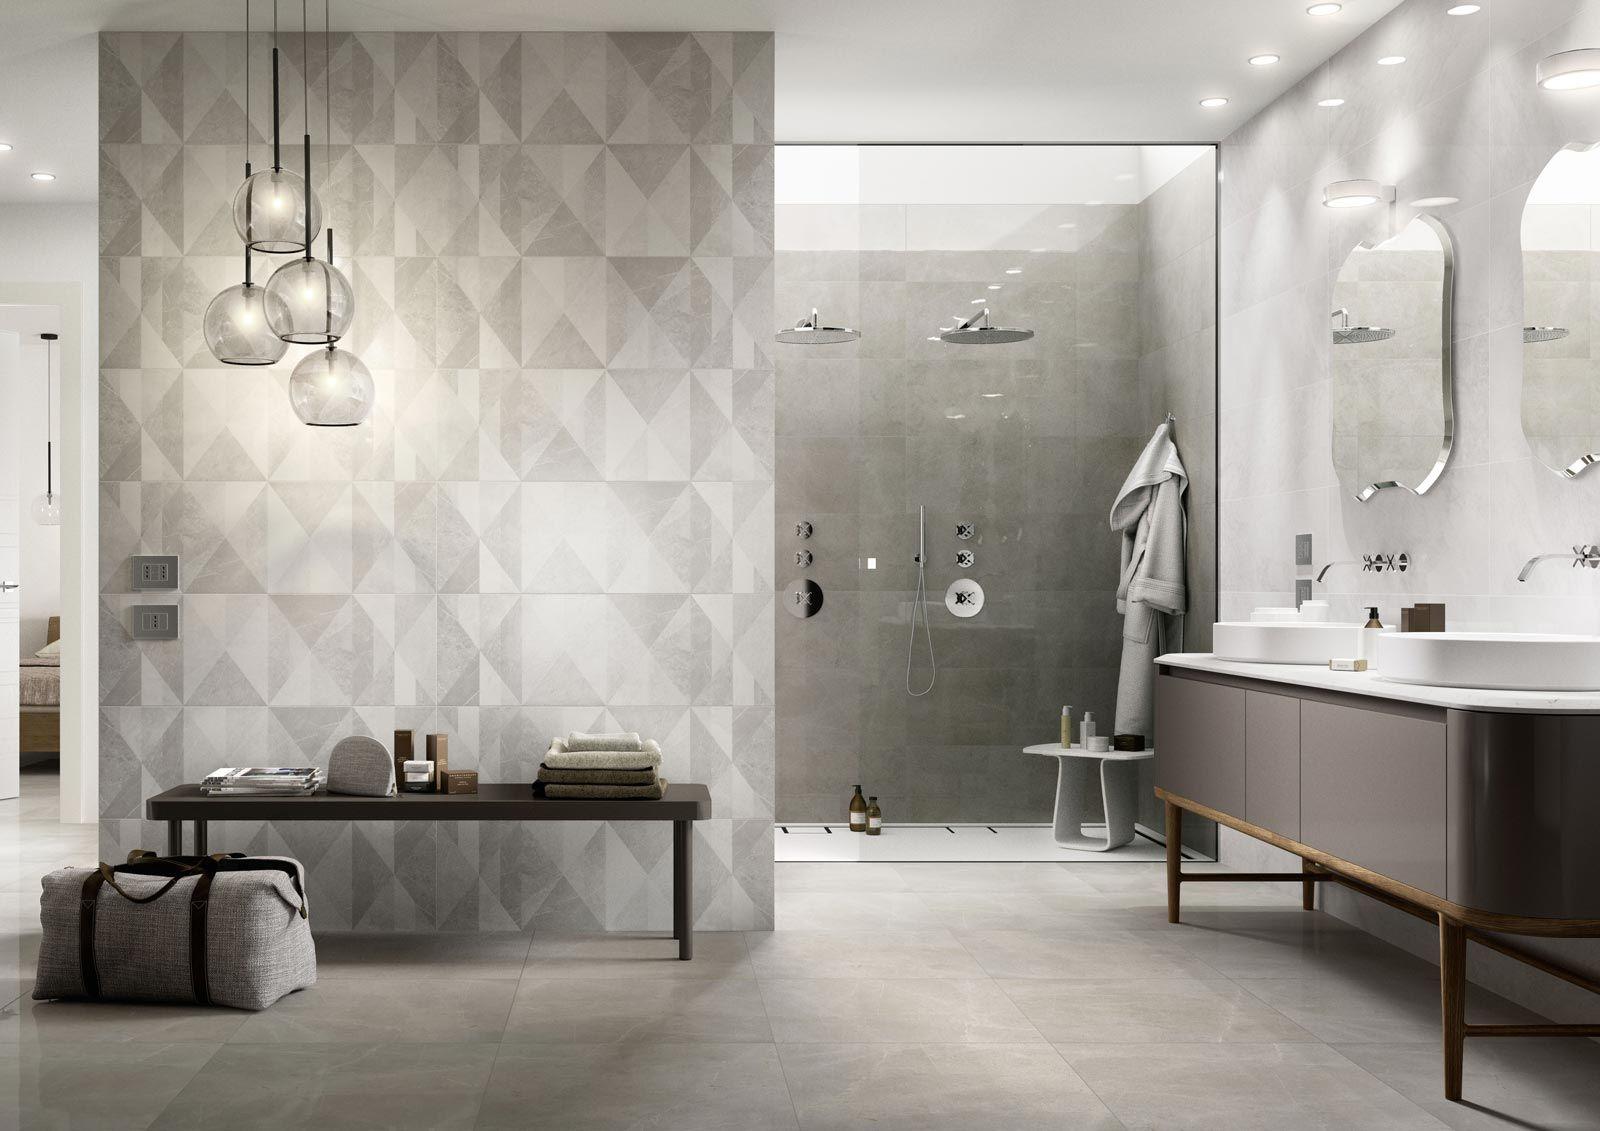 Sito perfetto per piastrelle Mattonelle per il Bagno: idee e soluzioni in ceramica e gres  - Marazzi 6357